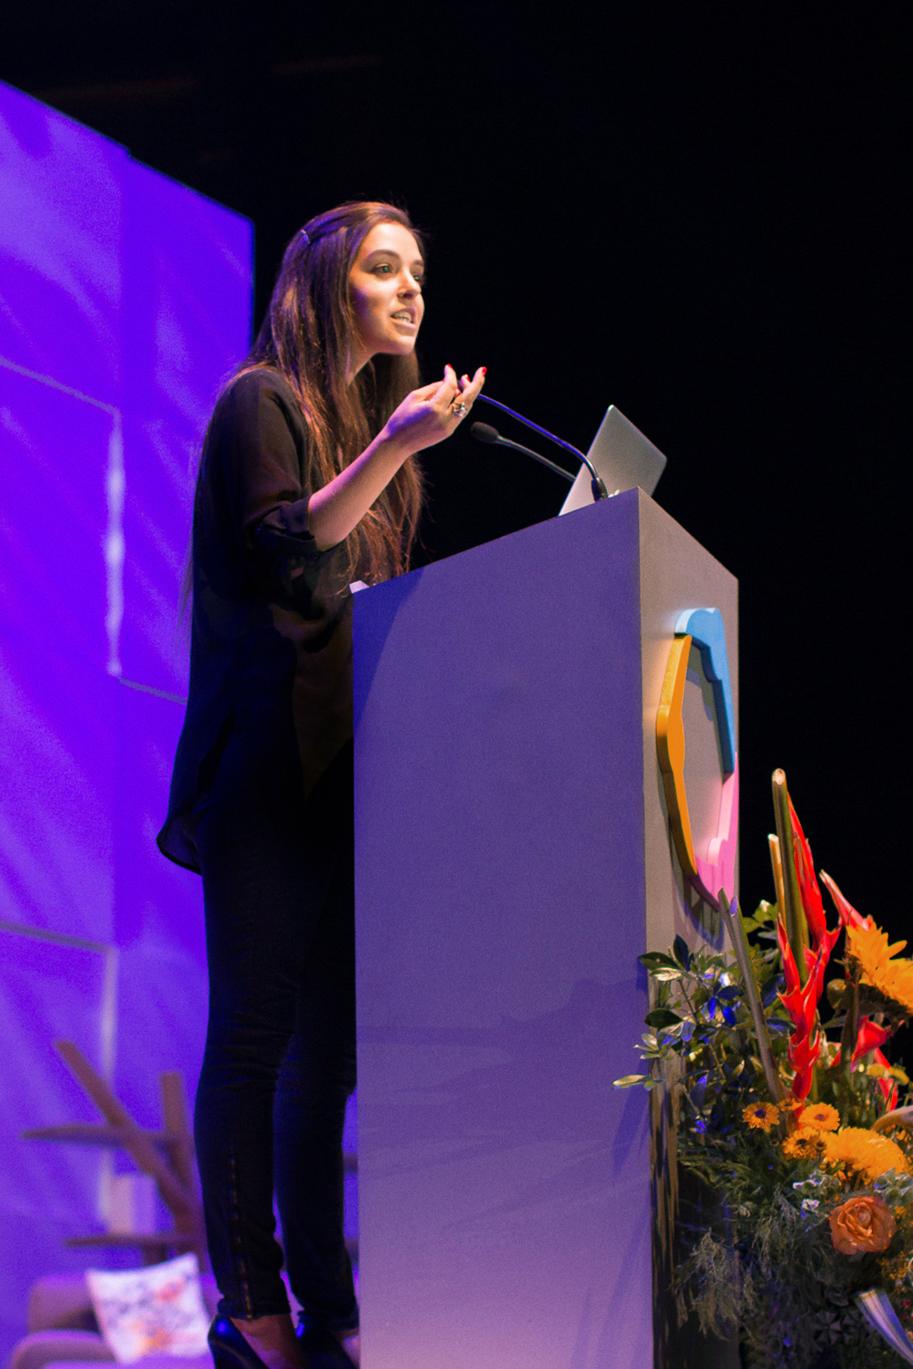 Erin Speaking